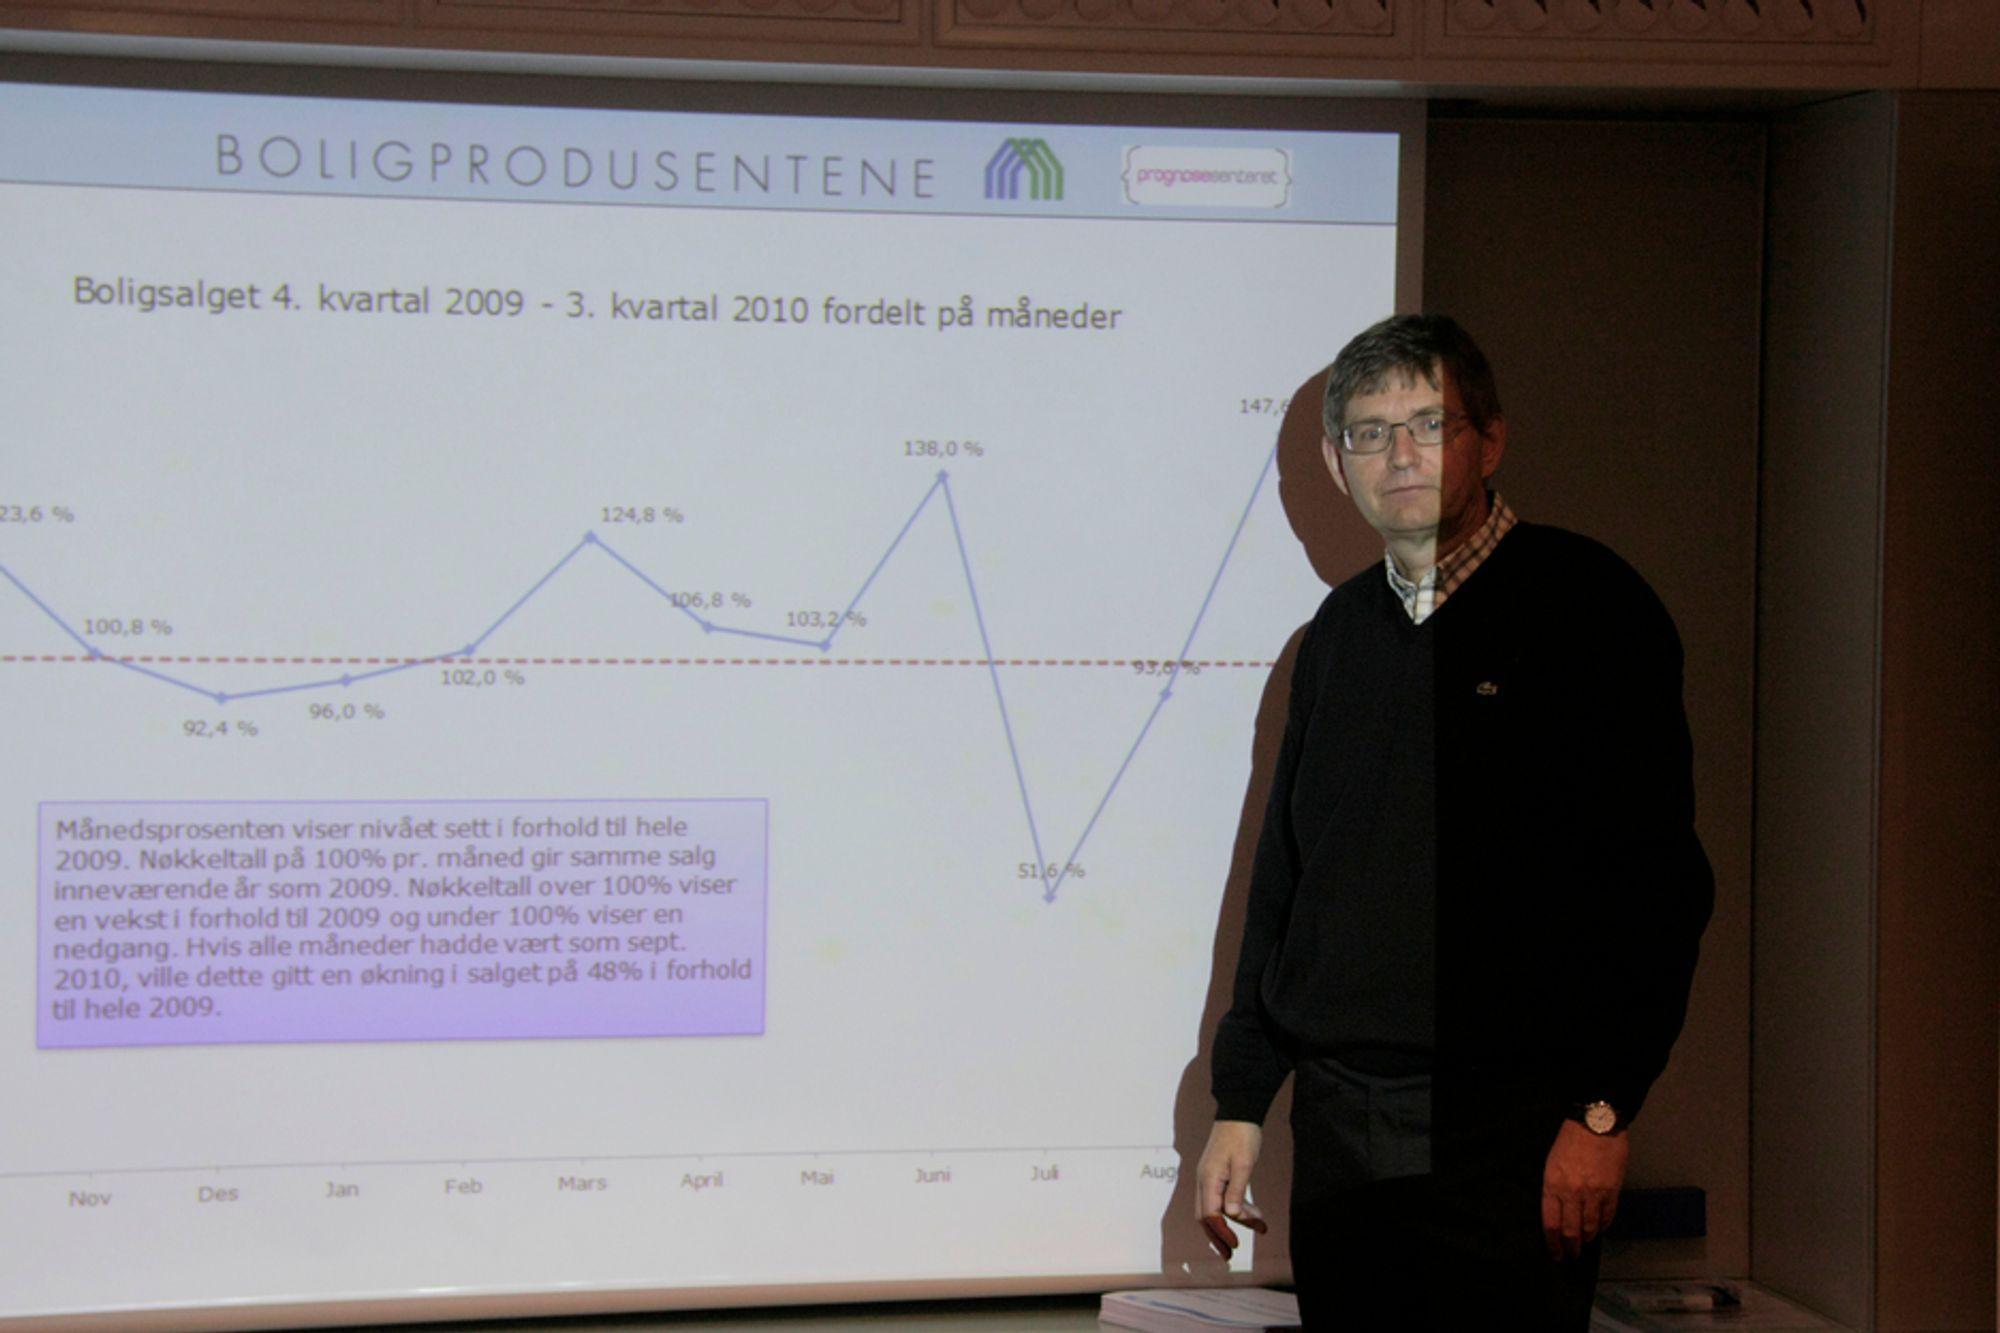 Per Jæger, adm.dir. i Boligprodusentene, presenterer salgstall for 3. kvartal 2010.